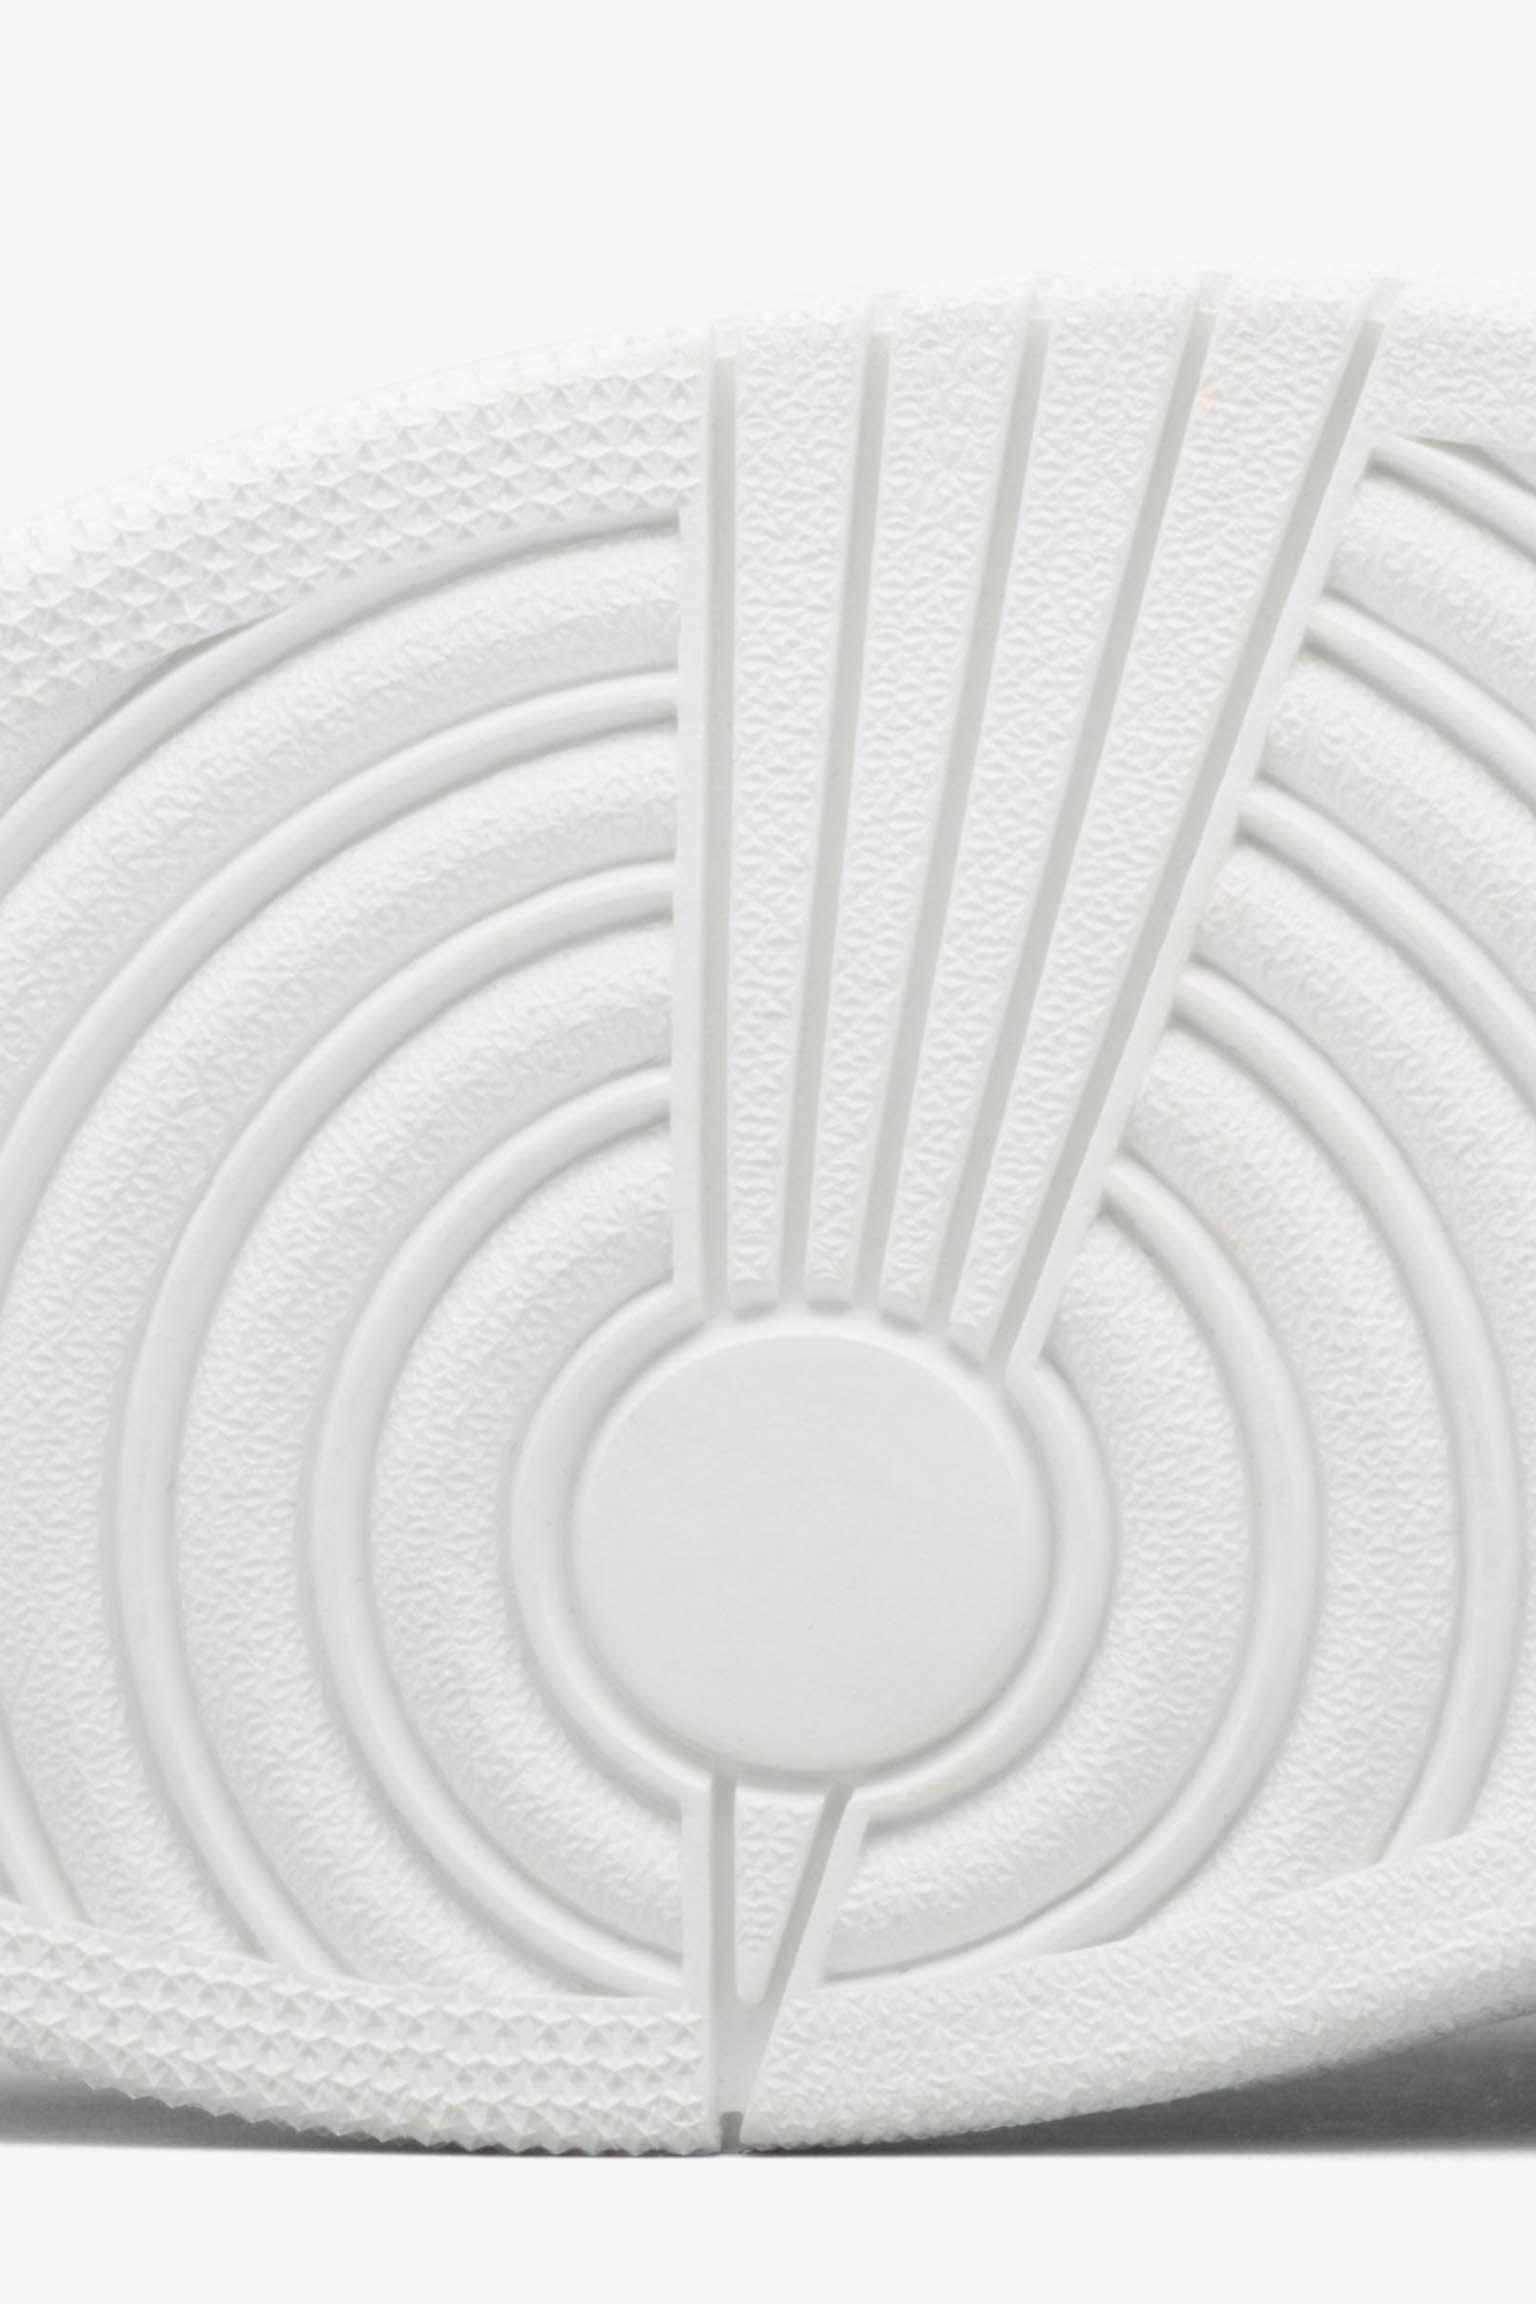 Air Jordan 1 Retro Pinnacle 'Black & Metallic Gold' Release Date